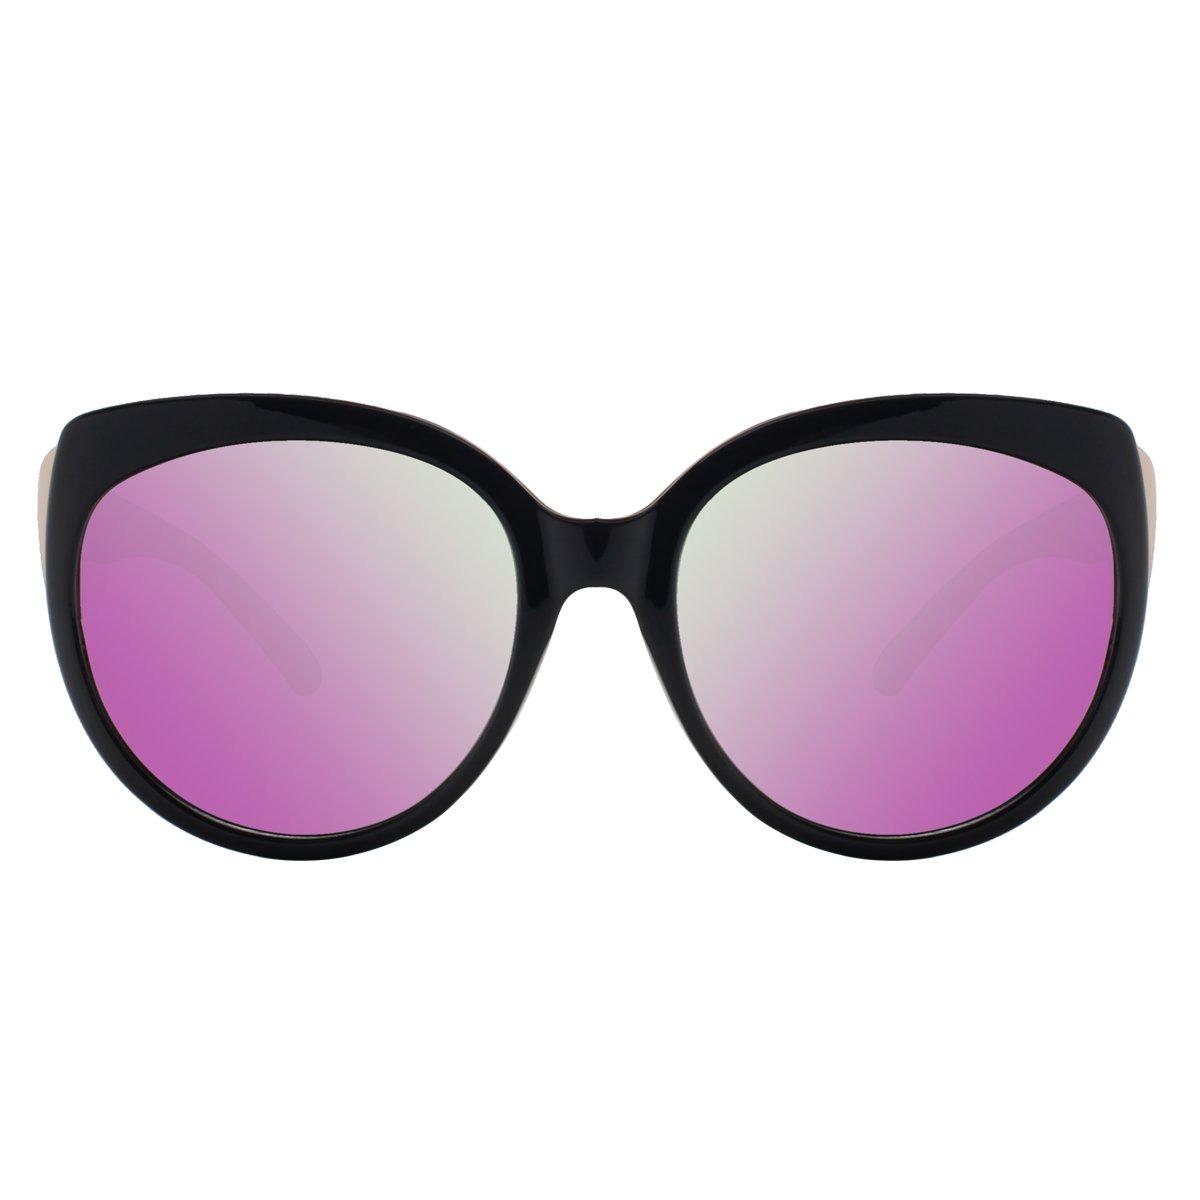 vivienfang gafas de sol de ojo de gato polarizadas para m. Cargando zoom. 13afb6b1a88b